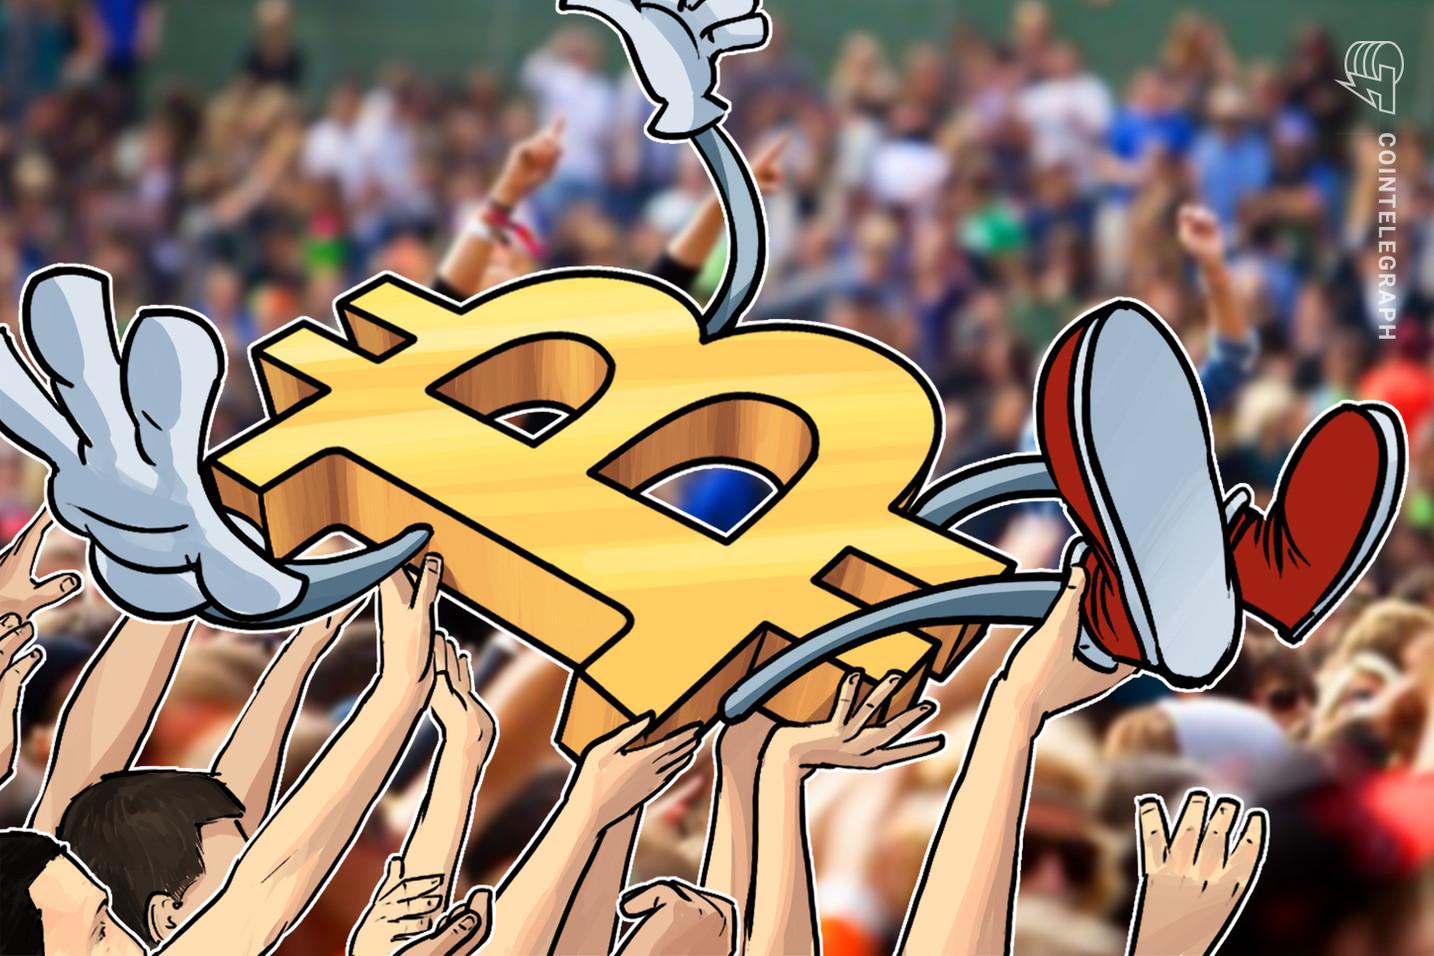 Alles positiv! – Meinung über Bitcoin in den sozialen Medien auf Rekordhoch